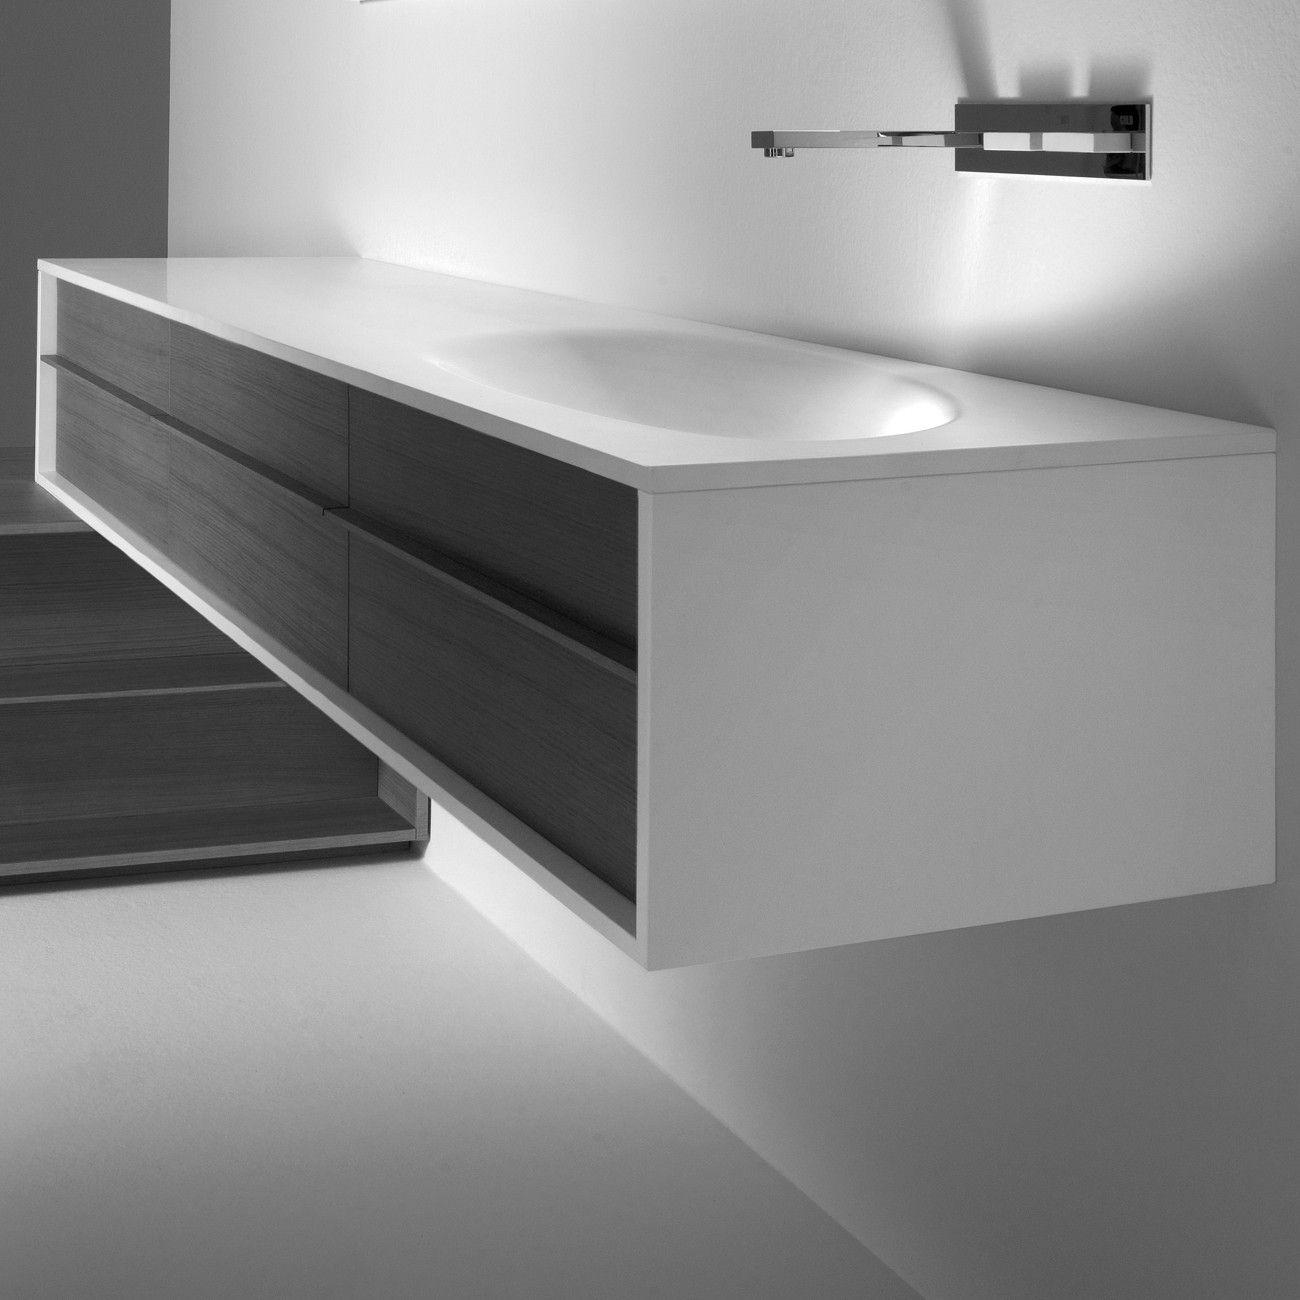 Designer Vanity Units For Bathroom Fascinating Falper Shape Oak Bathroom Cabinet And Basin  Rogerseller Decorating Design